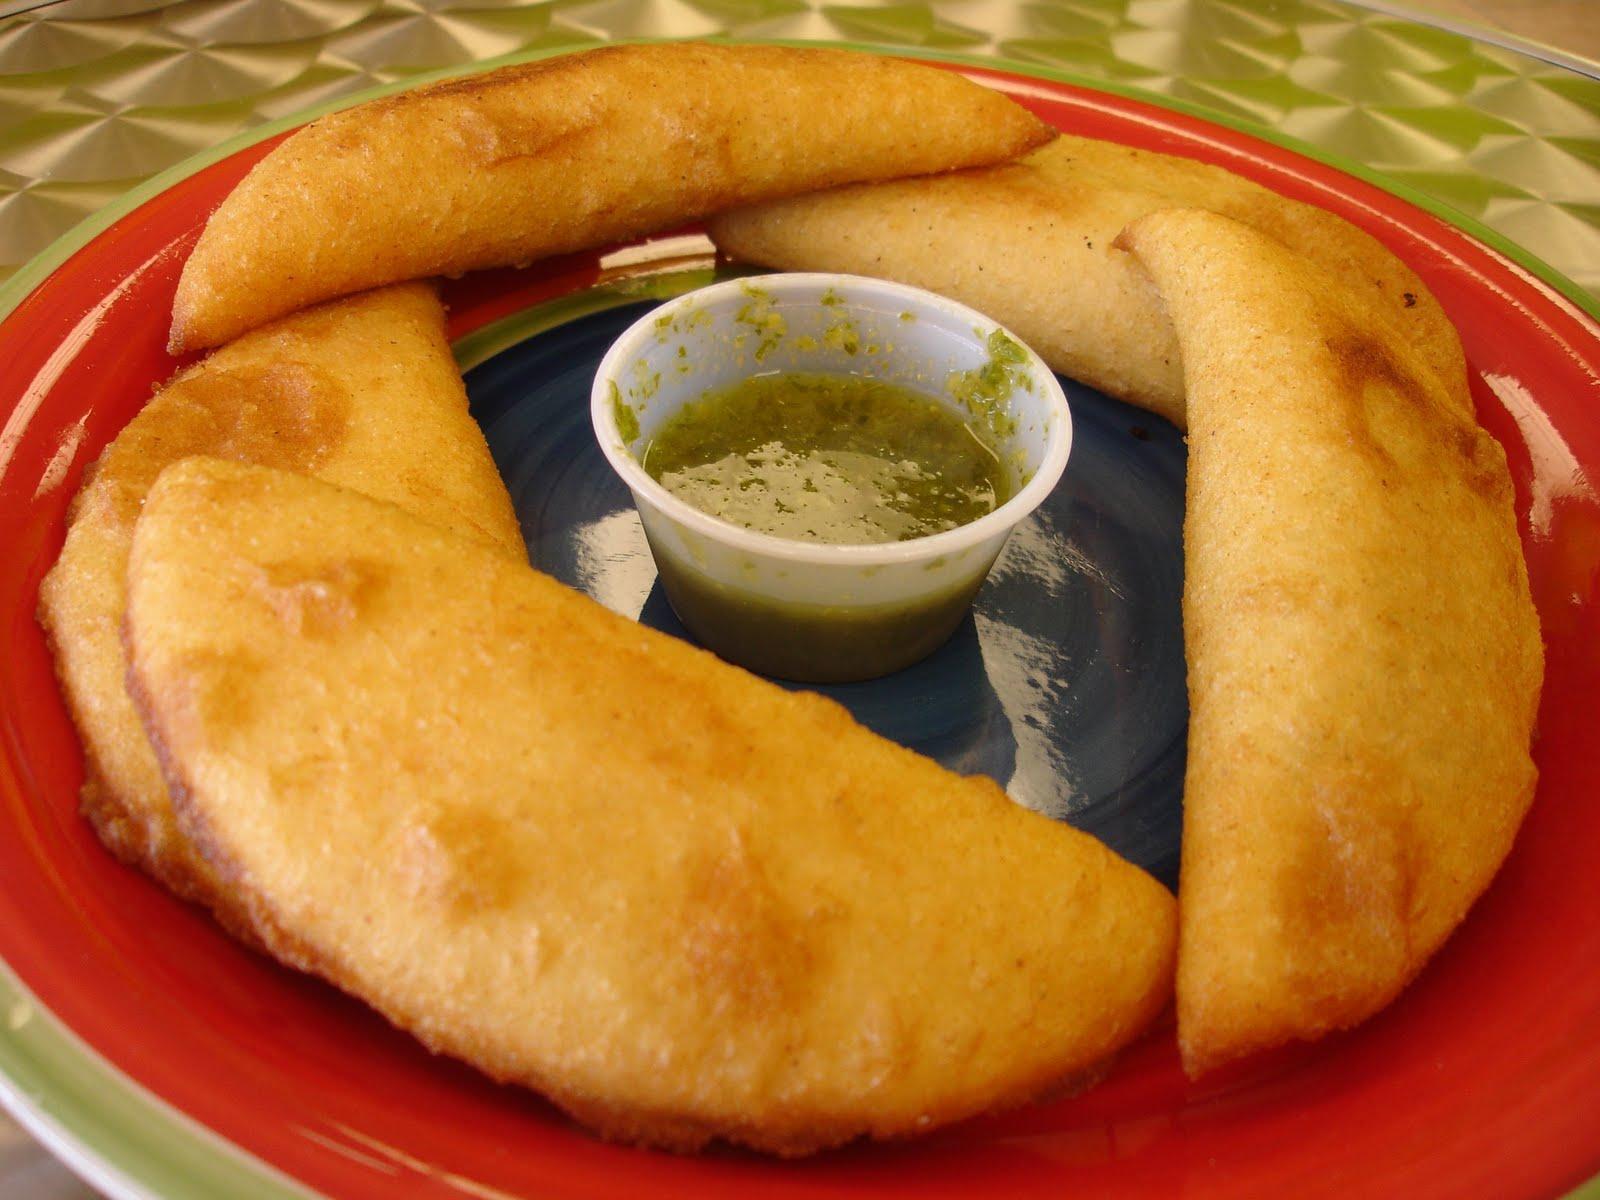 Olas At Lynn 3 In 1 Juices Venezuelan Food